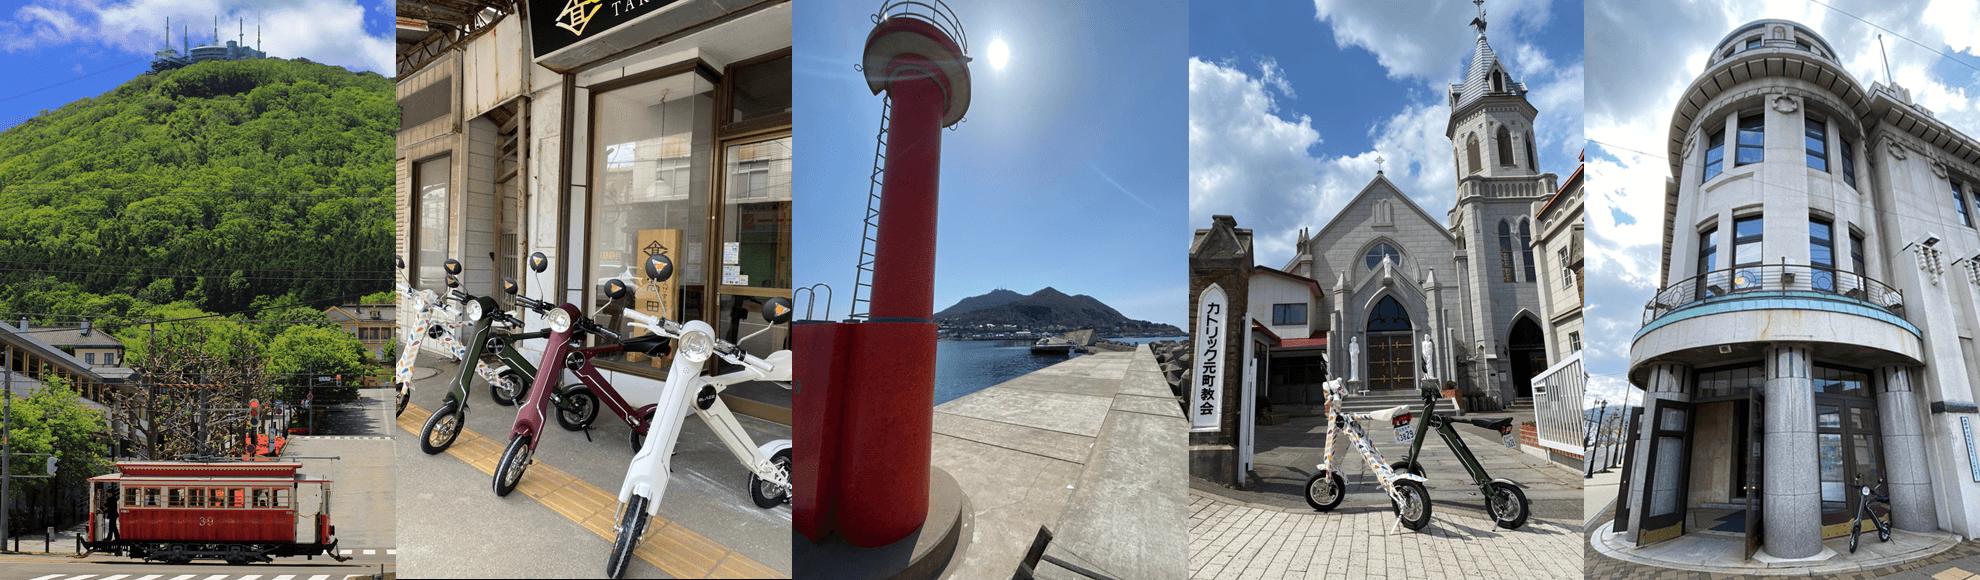 合同会社コルディス 函館まちたびメイン画像